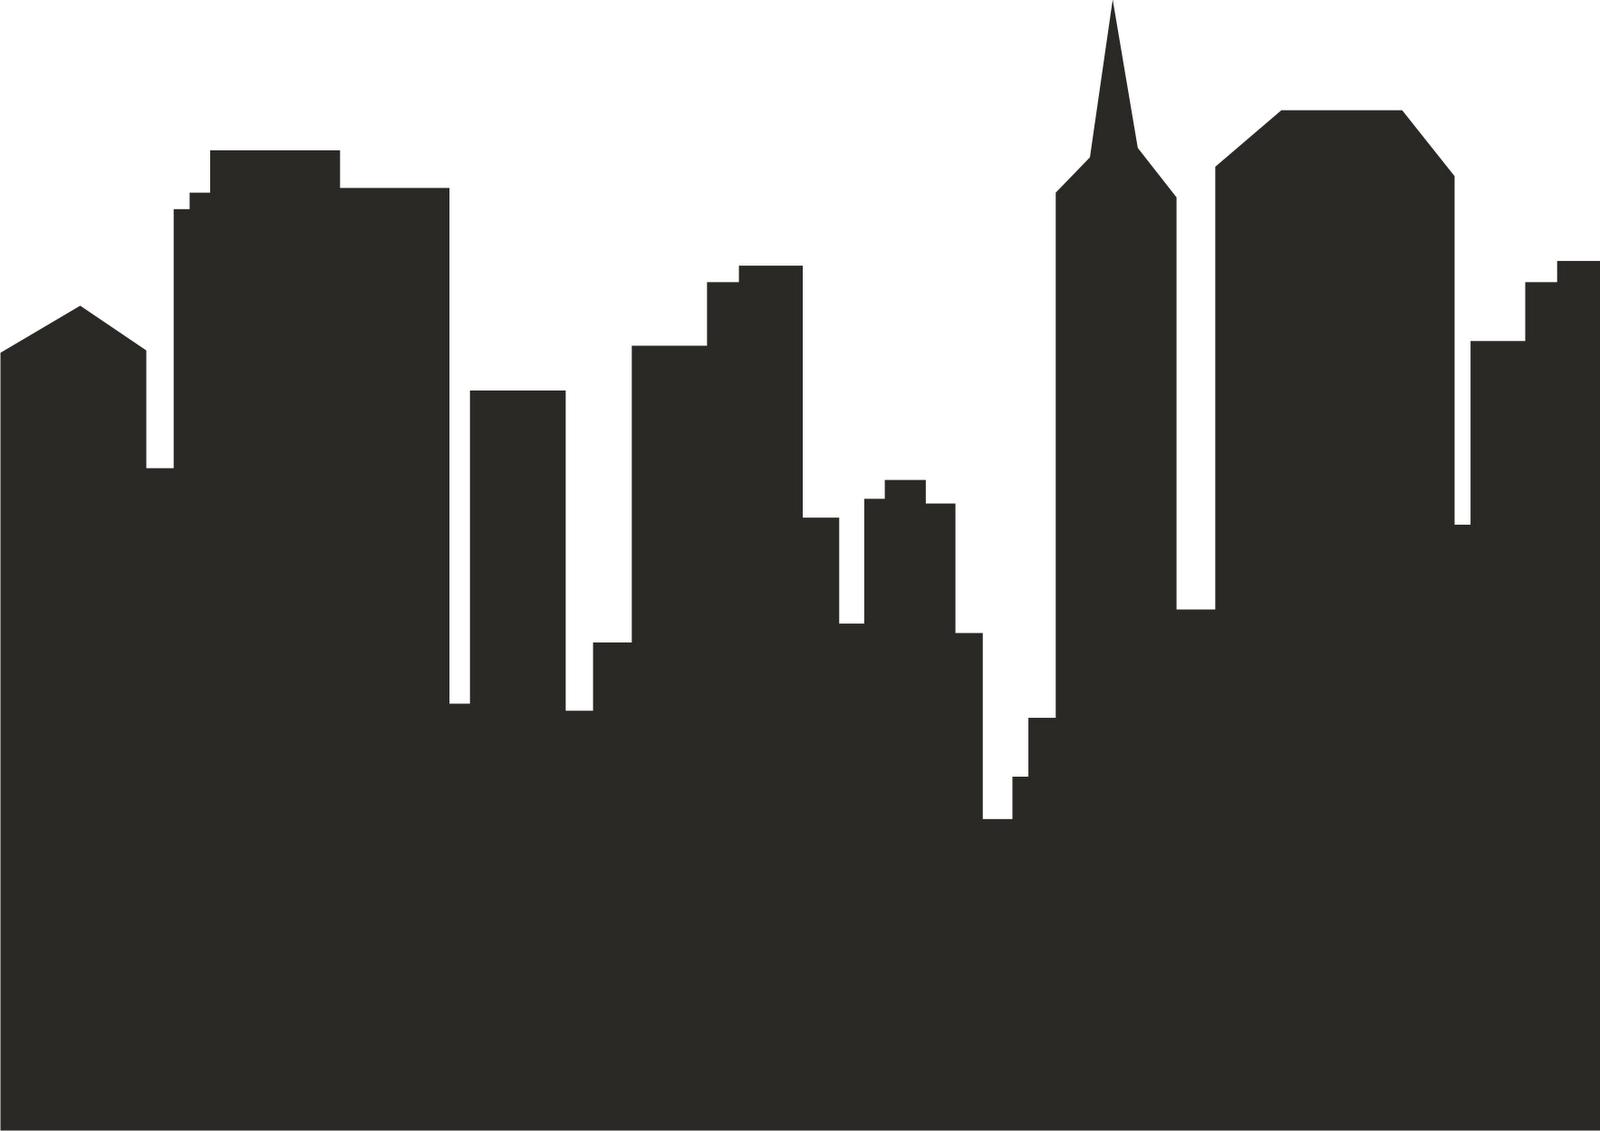 Cityscape cliparts. City Scape Image